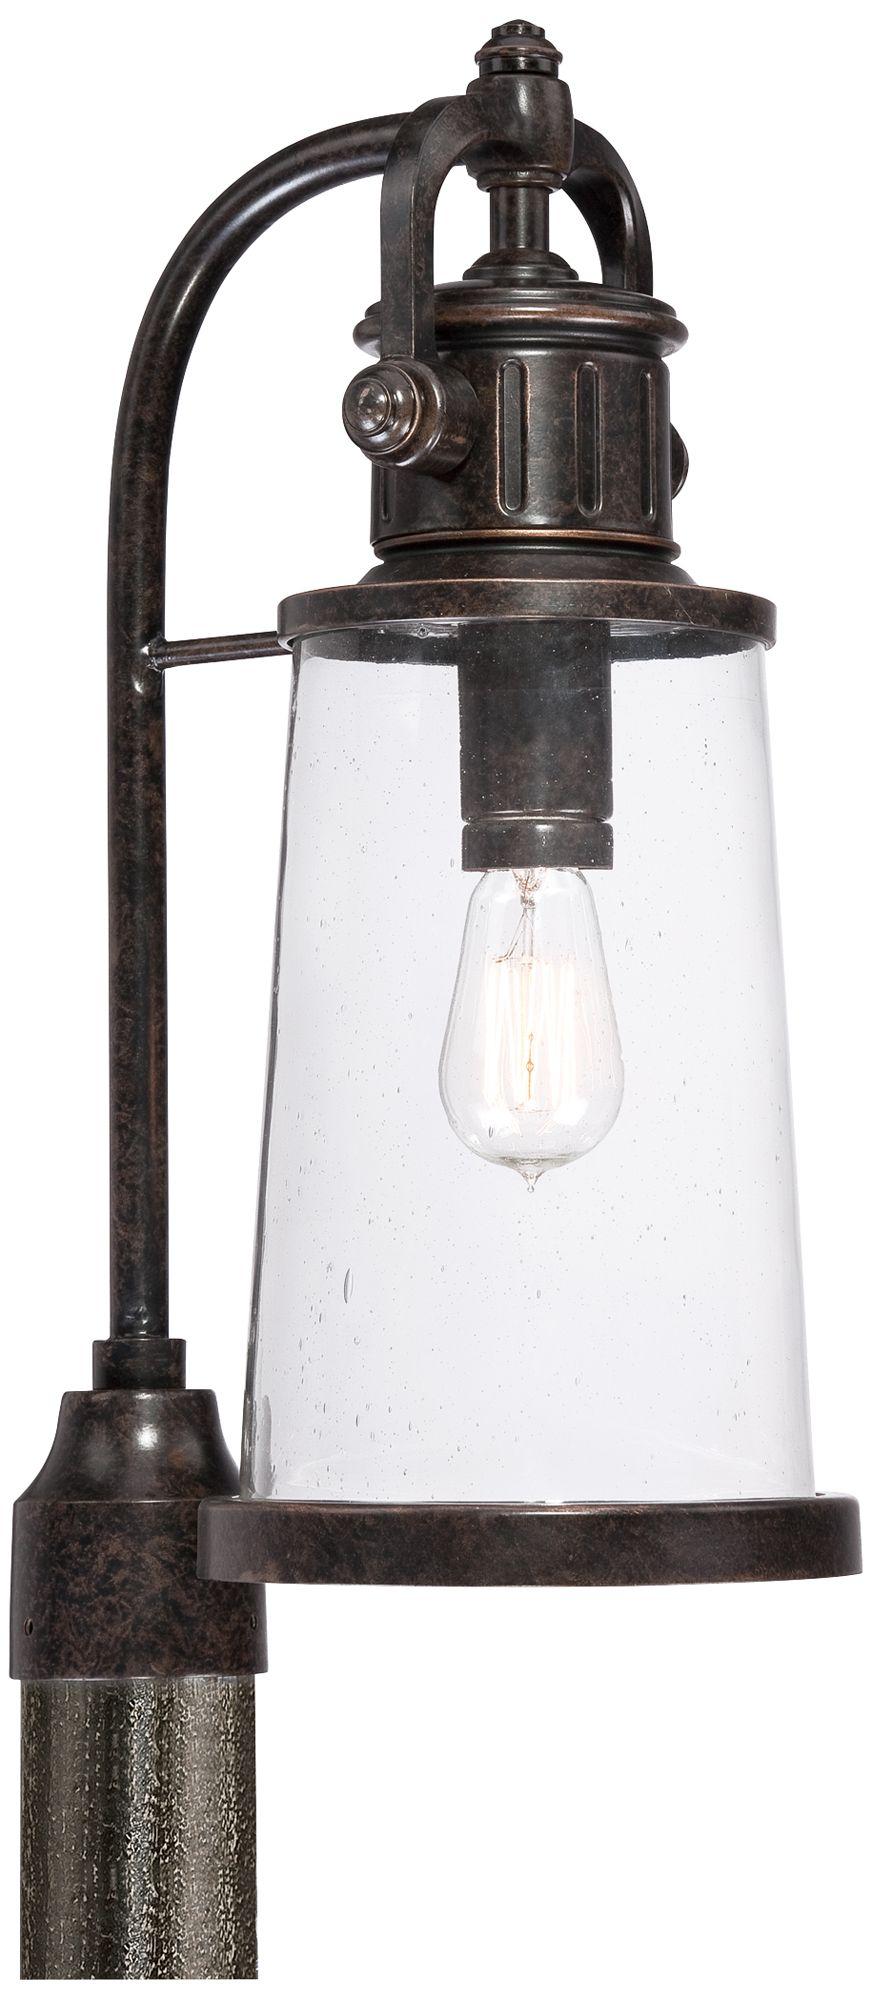 Quoizel Steadman 20 1/2  High Large Outdoor Post Light  sc 1 st  L&s Plus & Quoizel Steadman 20 1/2